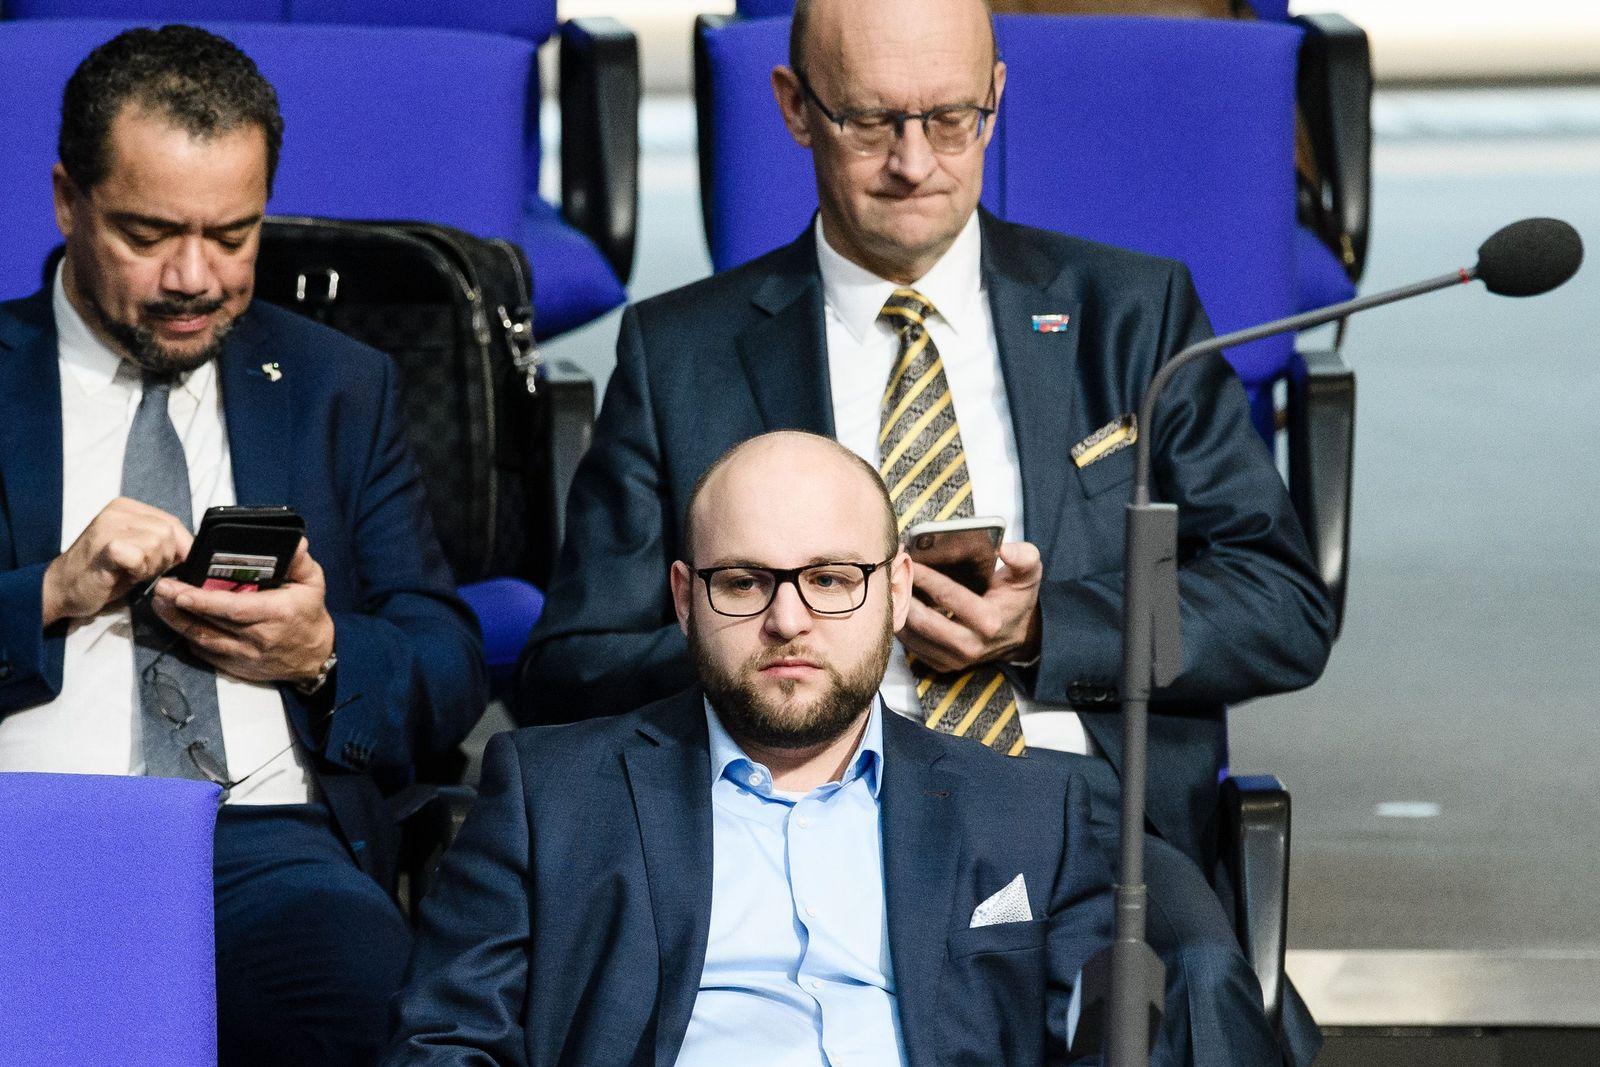 Frohnmaier/ Bundestag